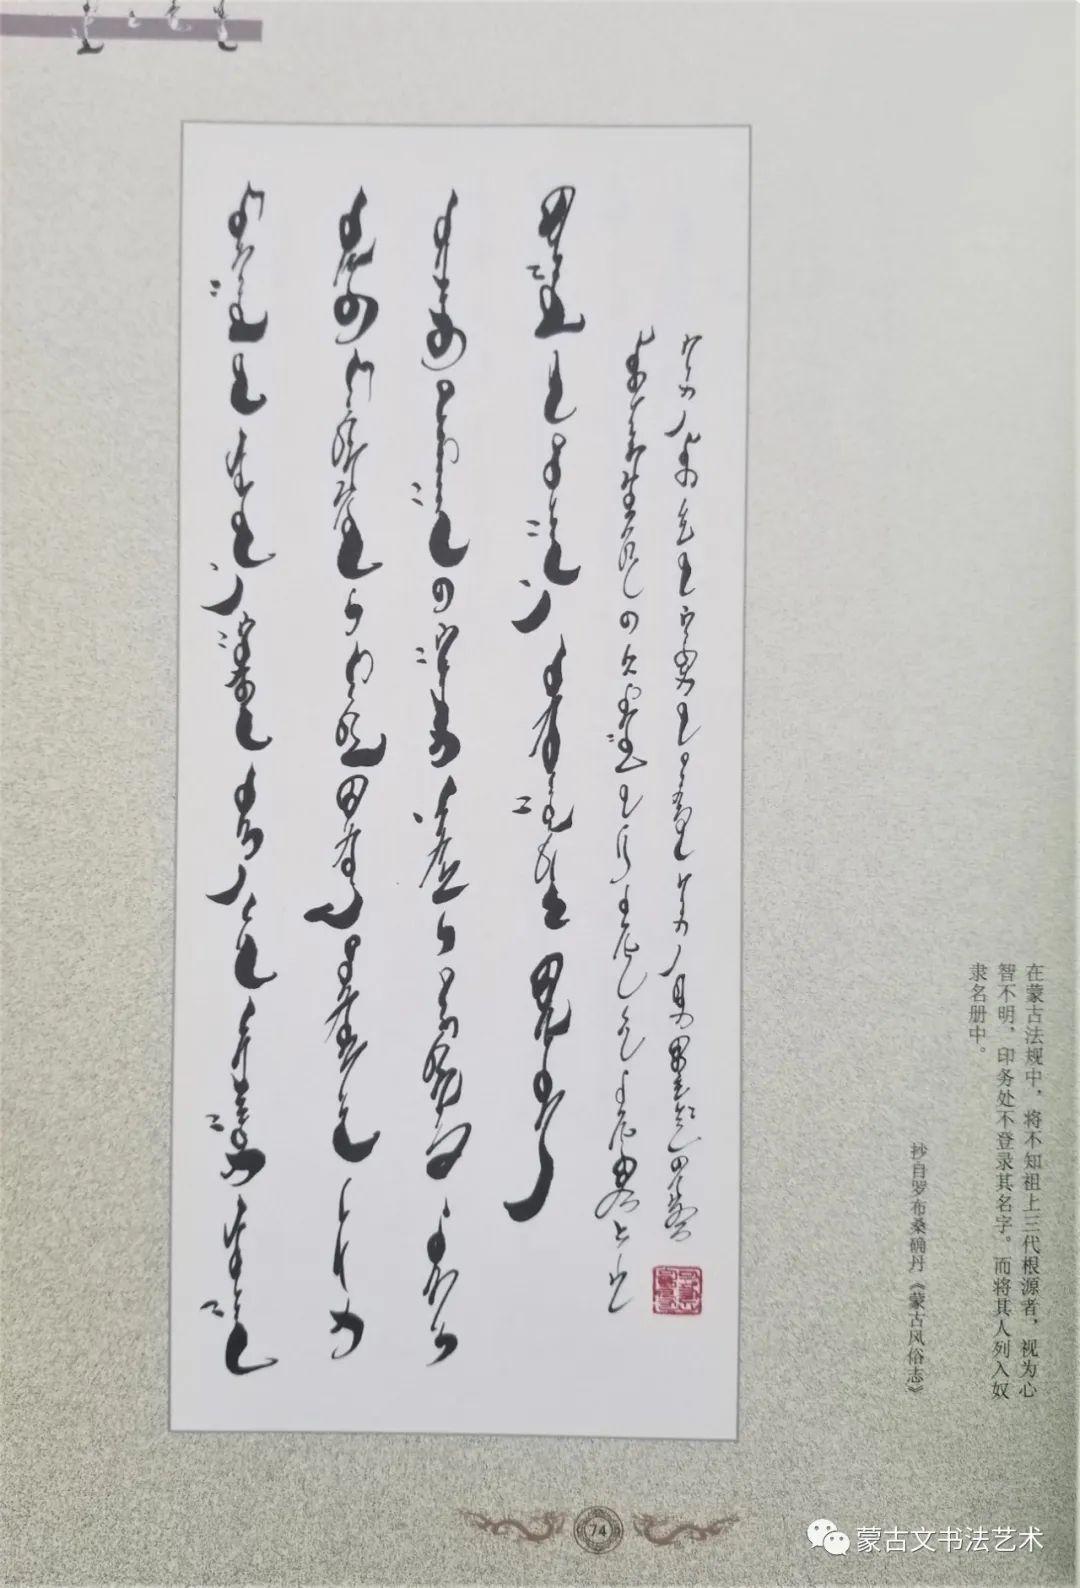 宝金山-蒙古族民俗箴言书法集 第11张